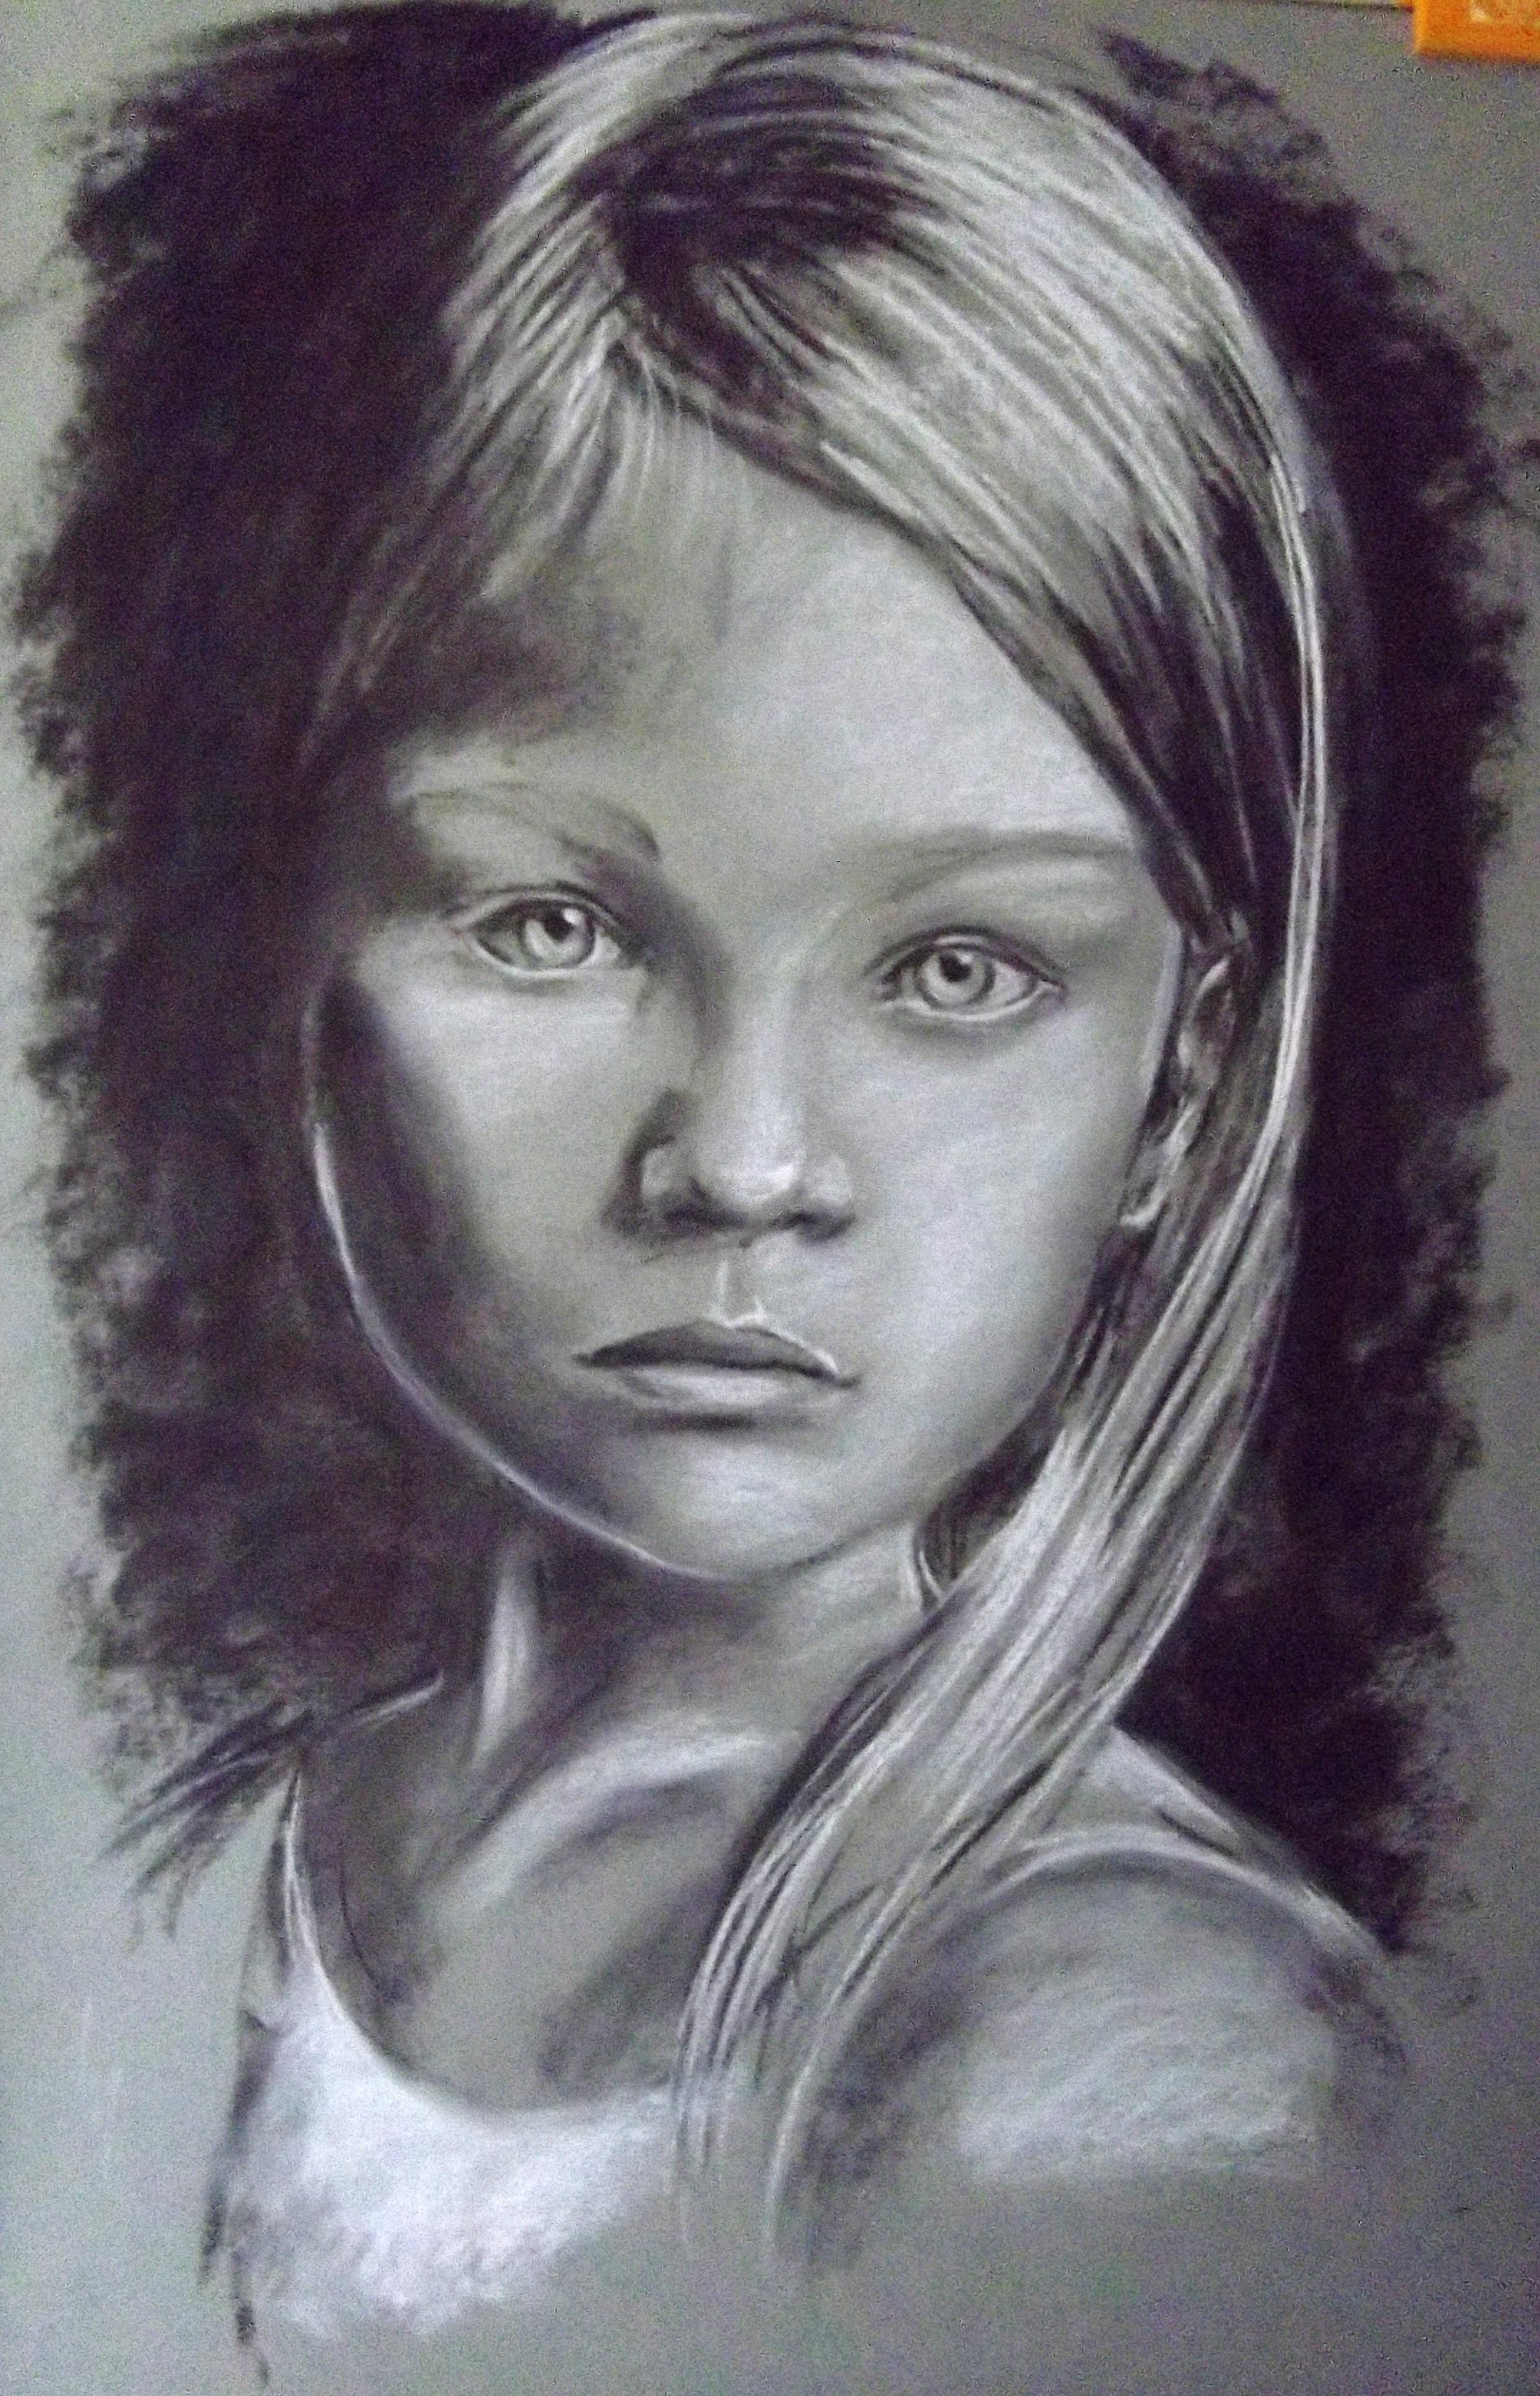 Portrait de petite fille, fusain et